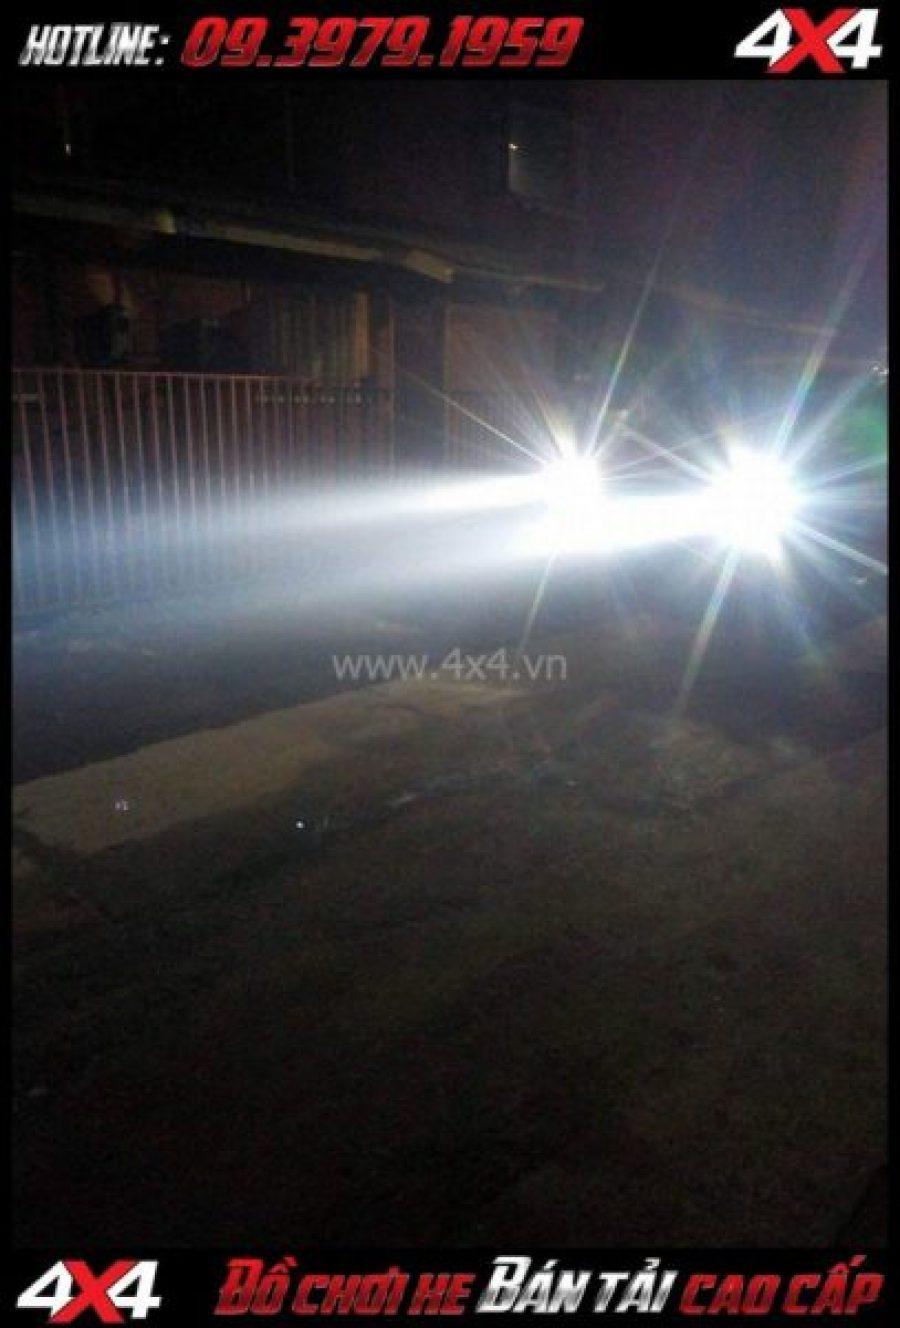 Hình ảnh cách tăng độ sáng cho Ford Ranger: Thay bóng Lumiled Philip, Osram cho đèn trước xe off-road Ford Ranger